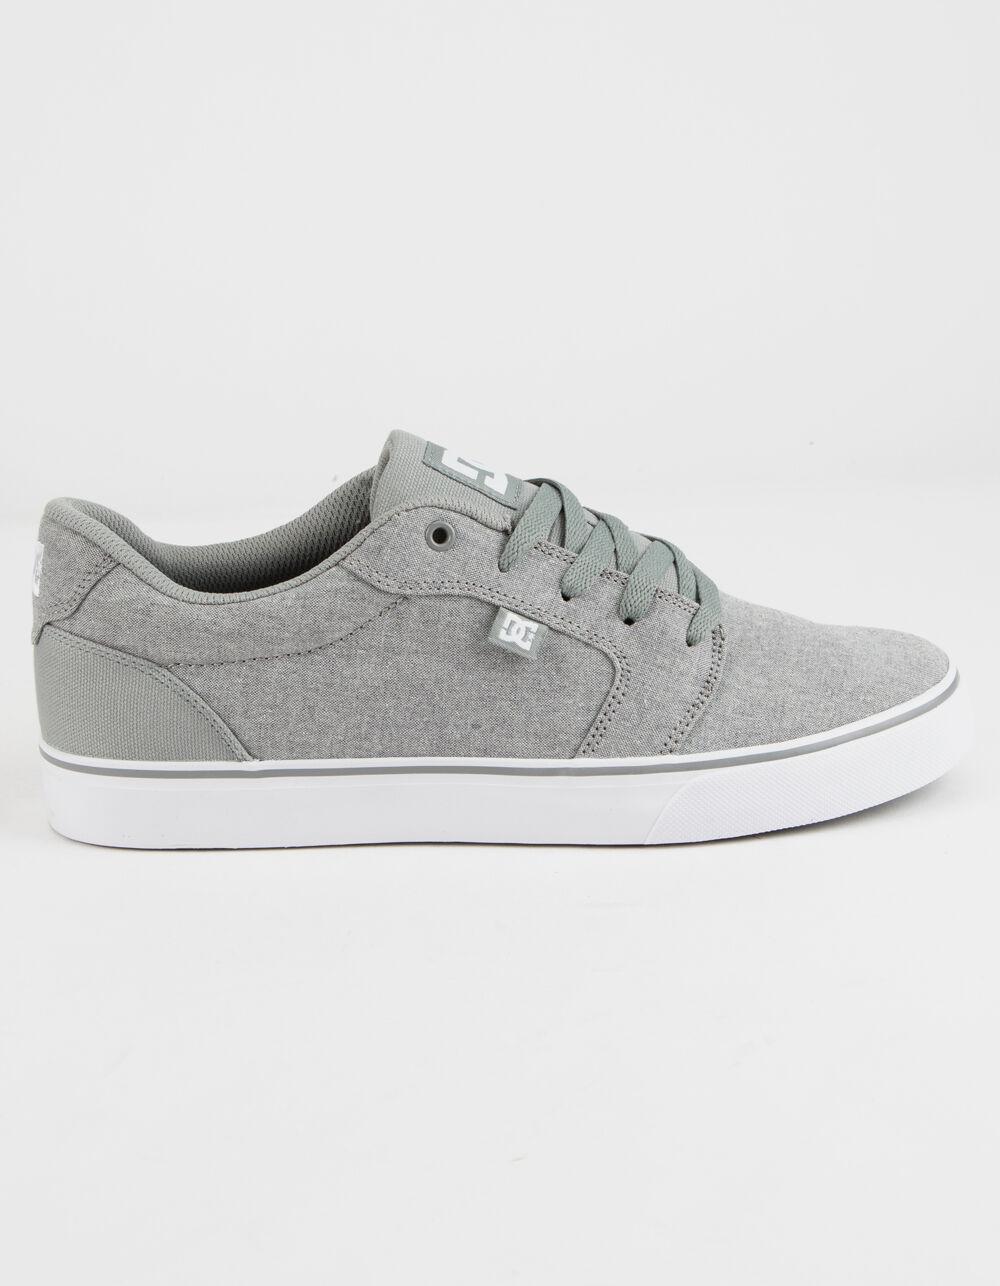 DC SHOES Anvil TX SE Light Gray Shoes